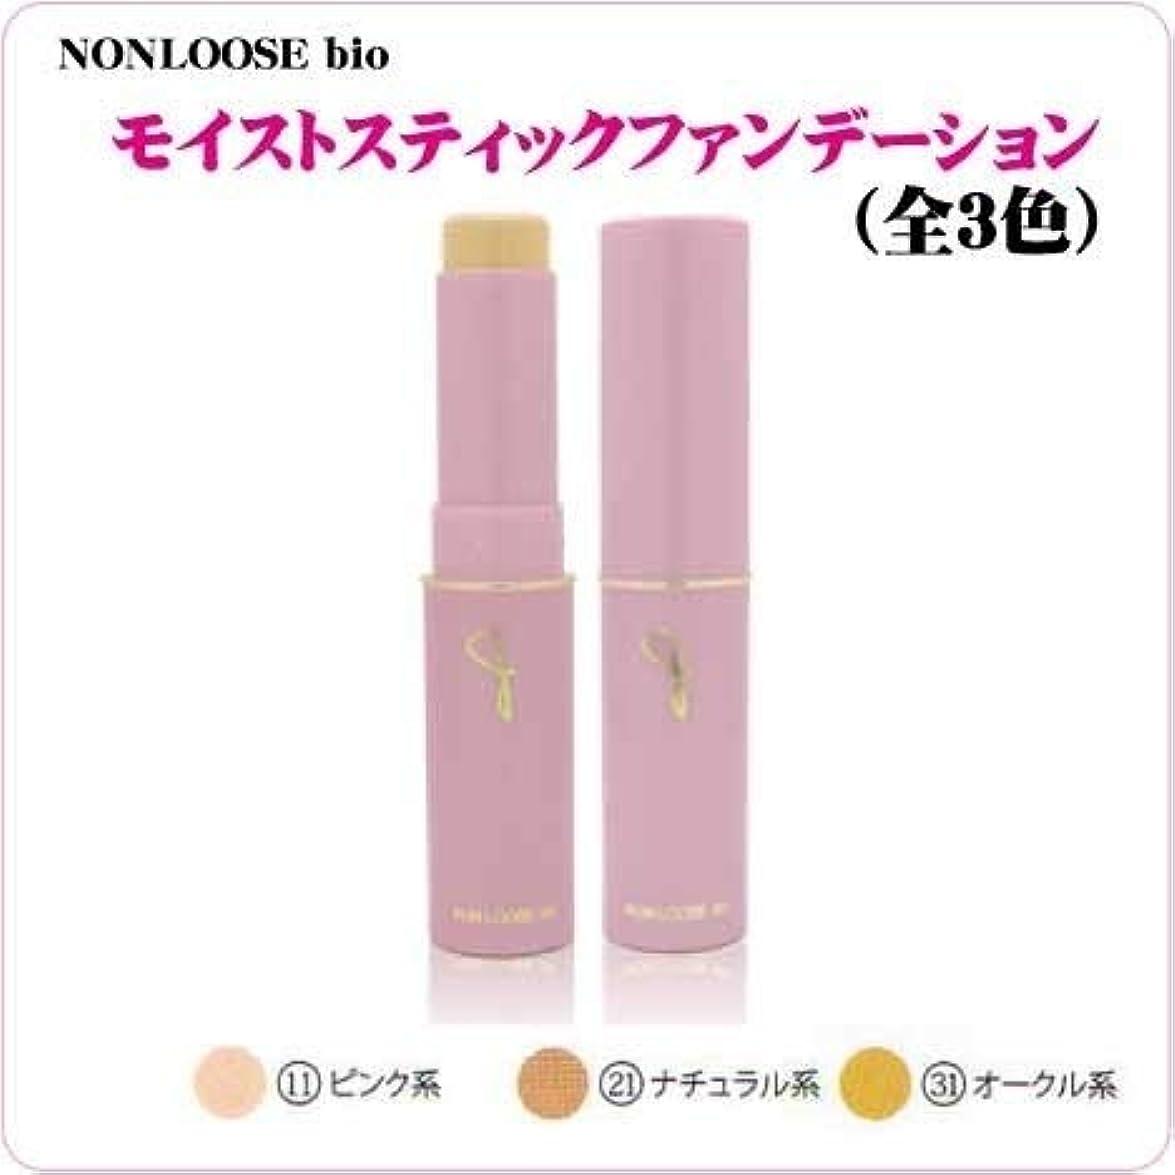 ブランド名ブルラグベルマン化粧品 ノンルースビオ モイストスティックUV 全3色 (NO.21 ナチュラル系)